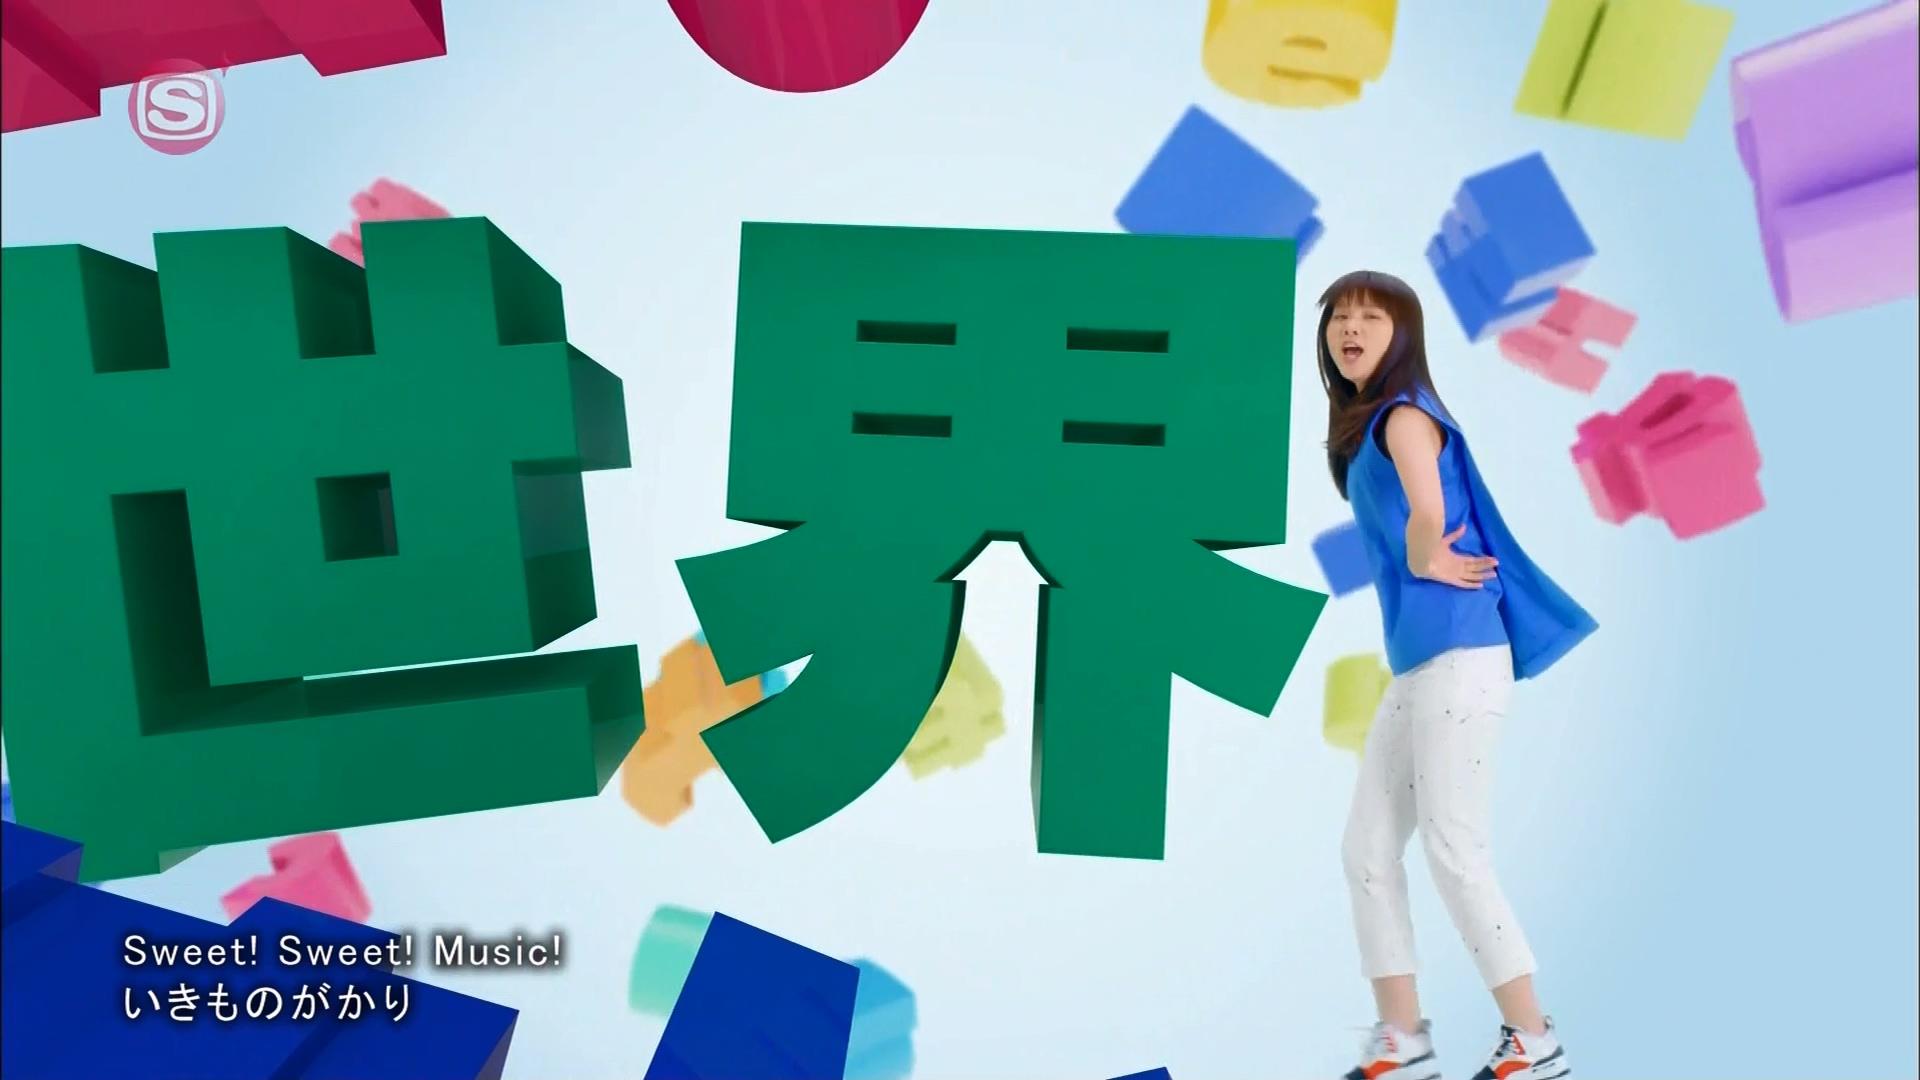 2016.03.16 いきものがかり - Sweet! Sweet! Music!(SSTVPlus).ts_20160316_225908.275